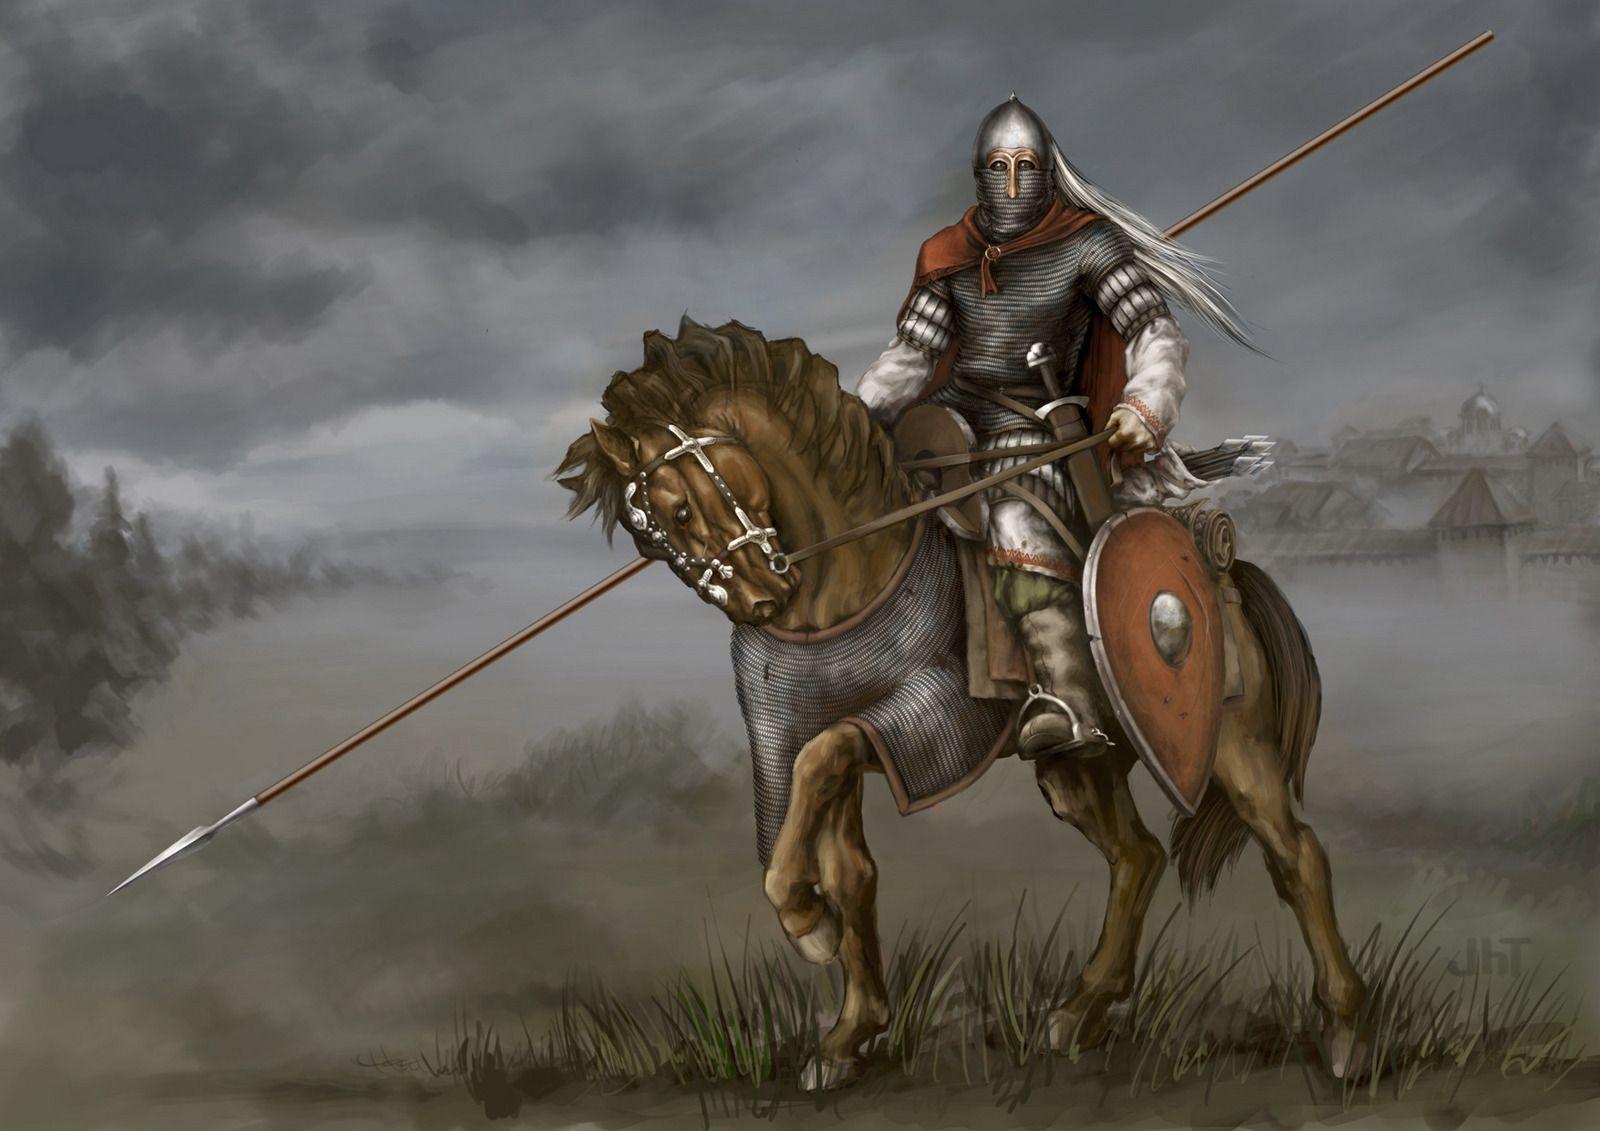 Medieval Fantasy Knight